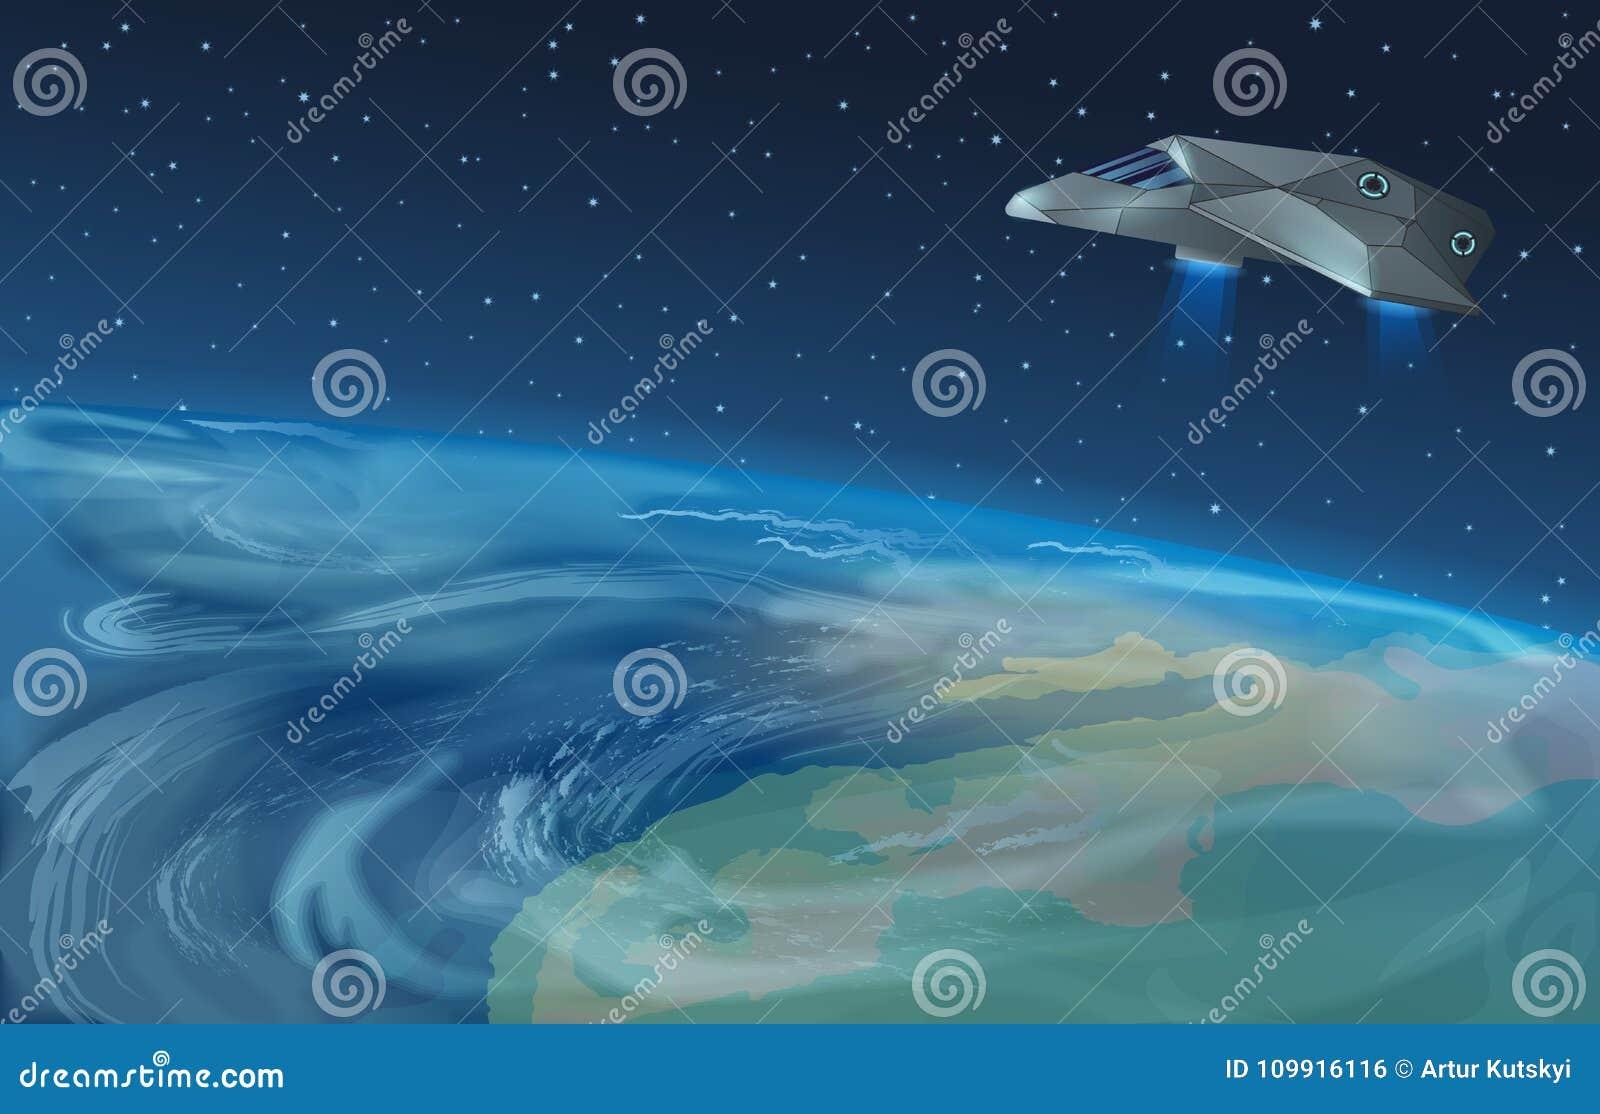 Διανυσματική απεικόνιση του διαστημοπλοίου που πετά πέρα από τον πλανήτη στο μπλε αστέρι στο ανοιγμένο διάστημα γαλαξιών Γήινη άπ